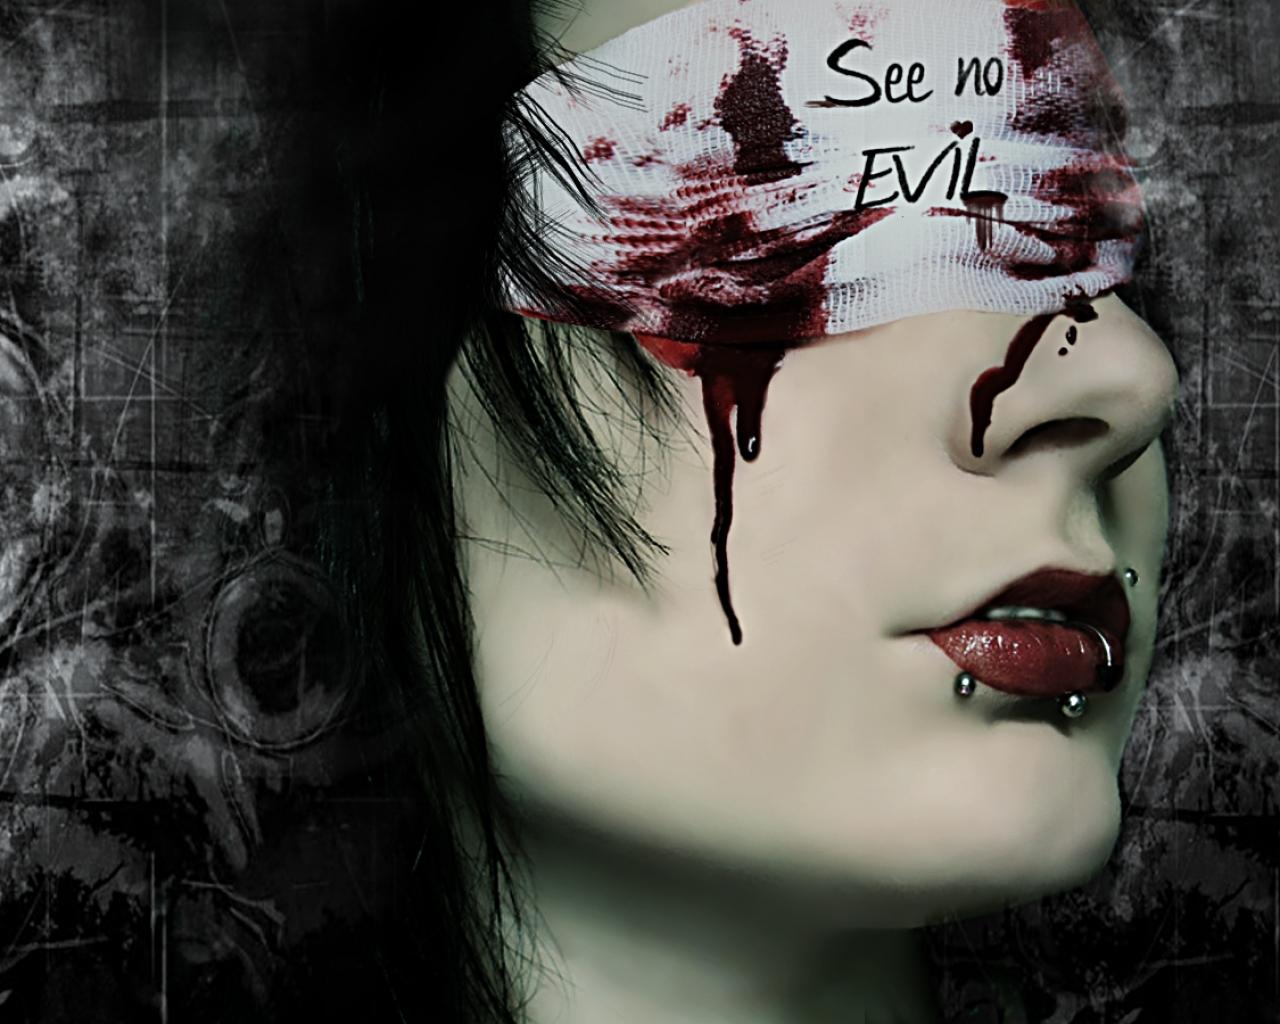 Mujer sangrando - 1280x1024